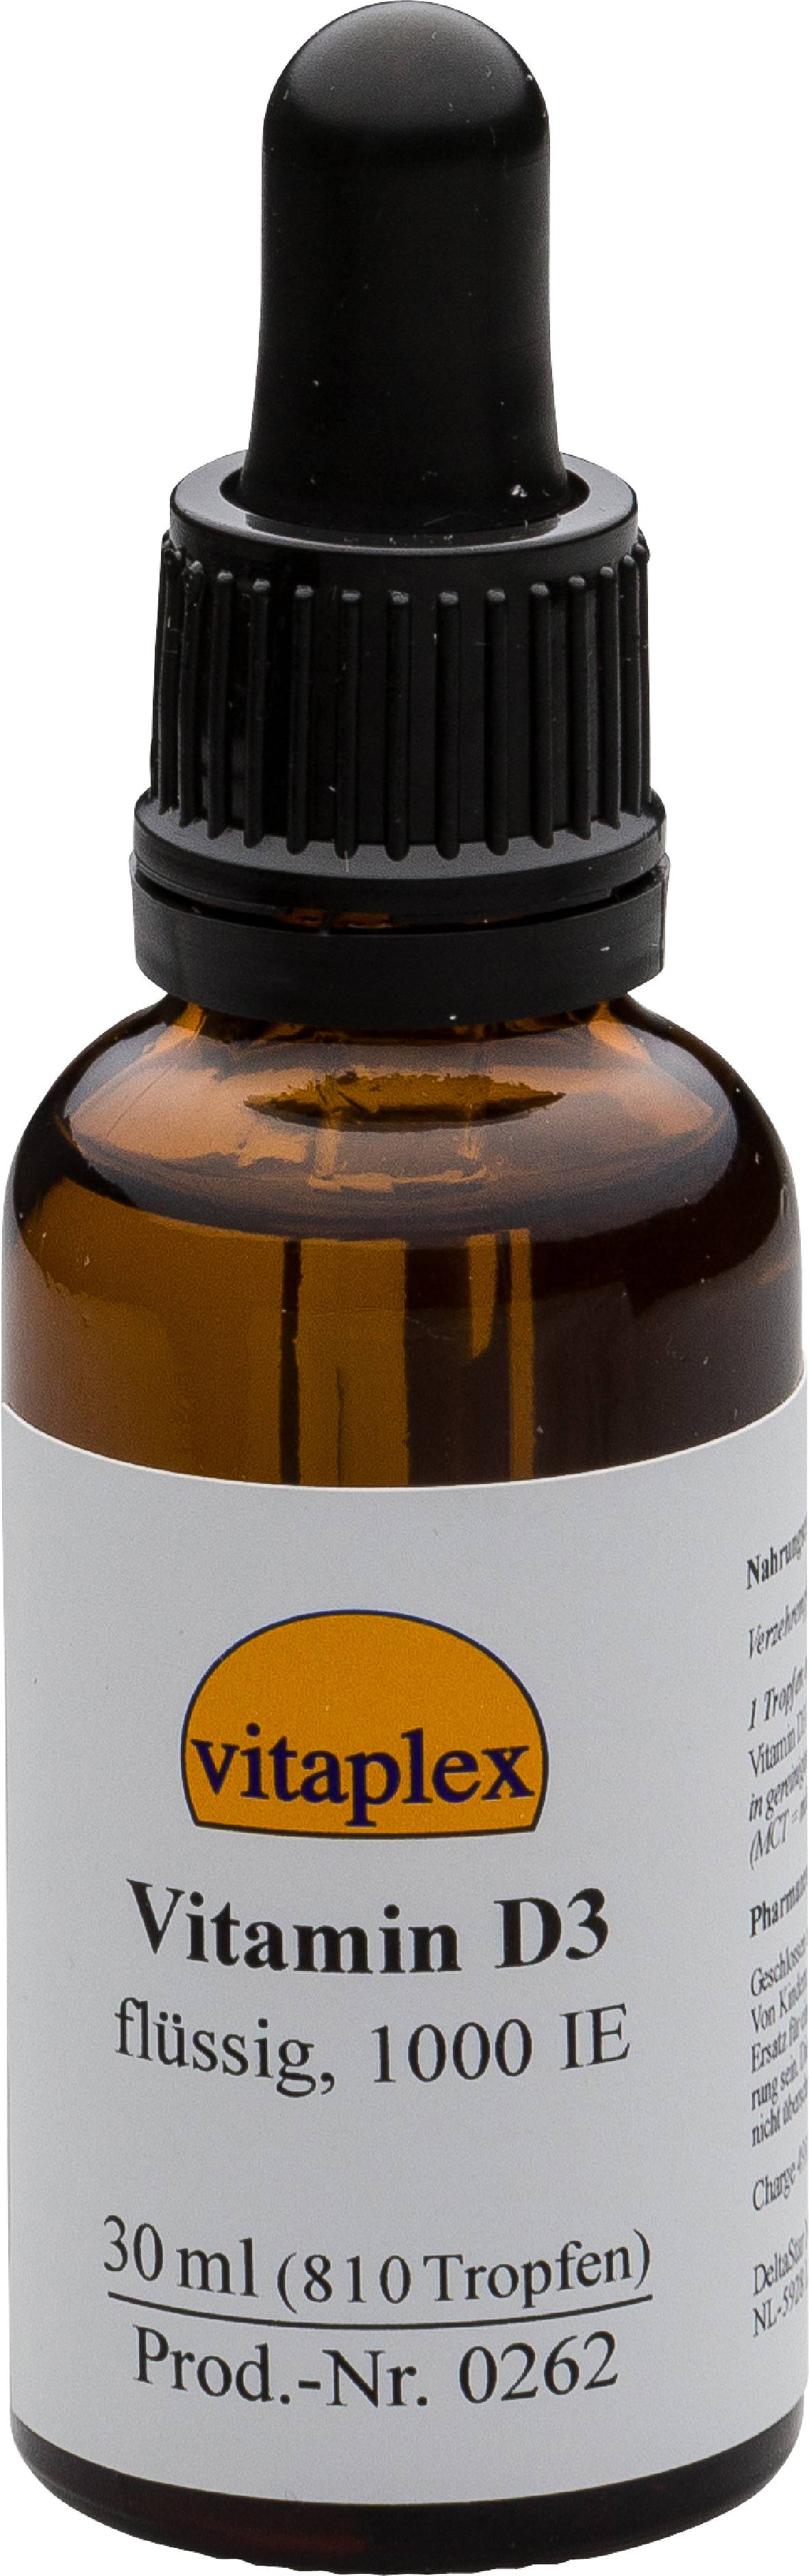 Vitaplex Liquide de vitamine D3, 1000 IE (30 ml, ca. gouttes 810) - Vitaplex